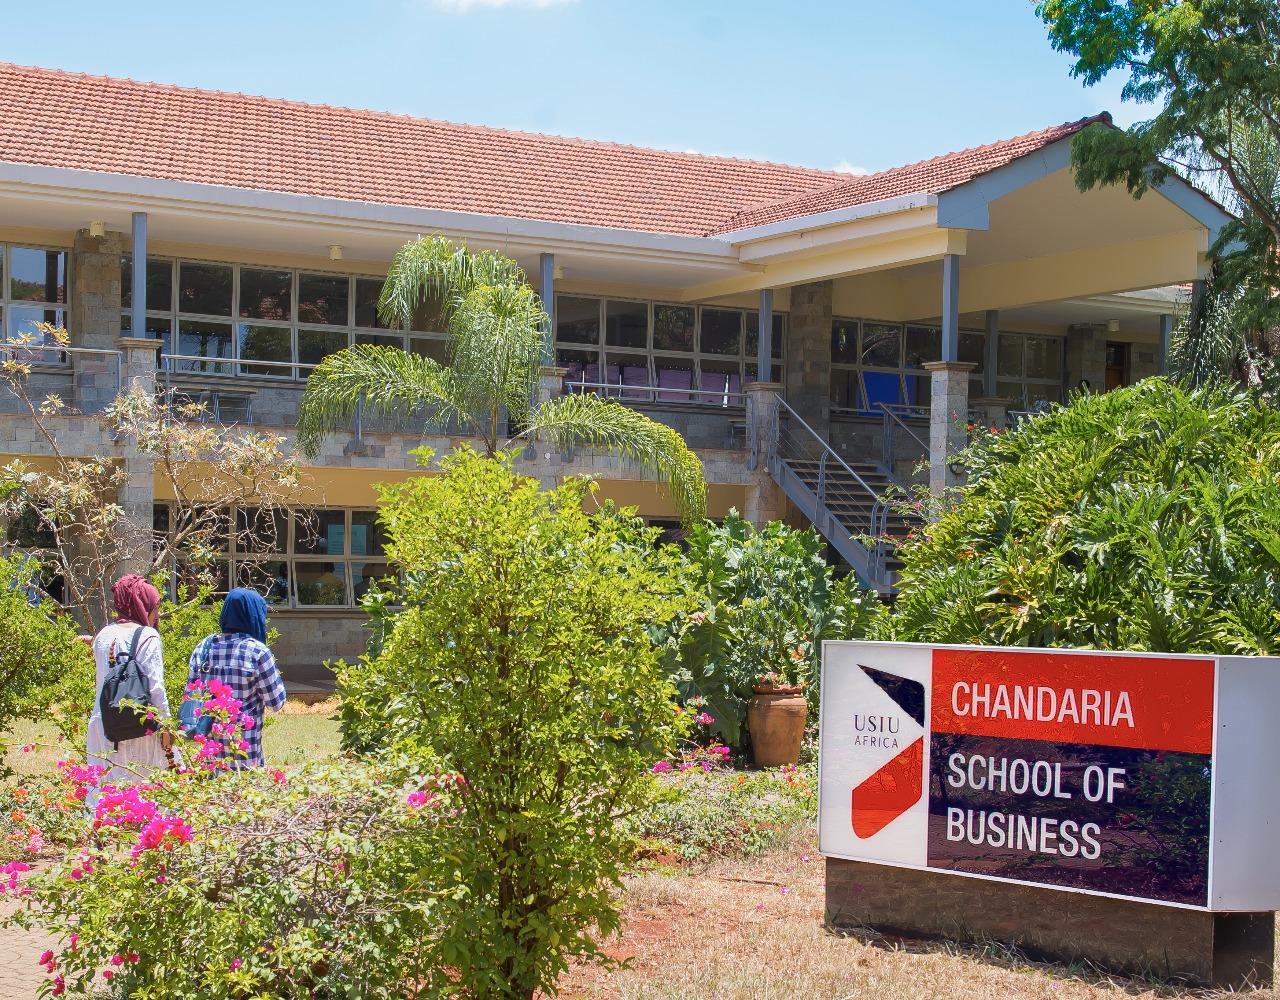 Chandaria School of Business